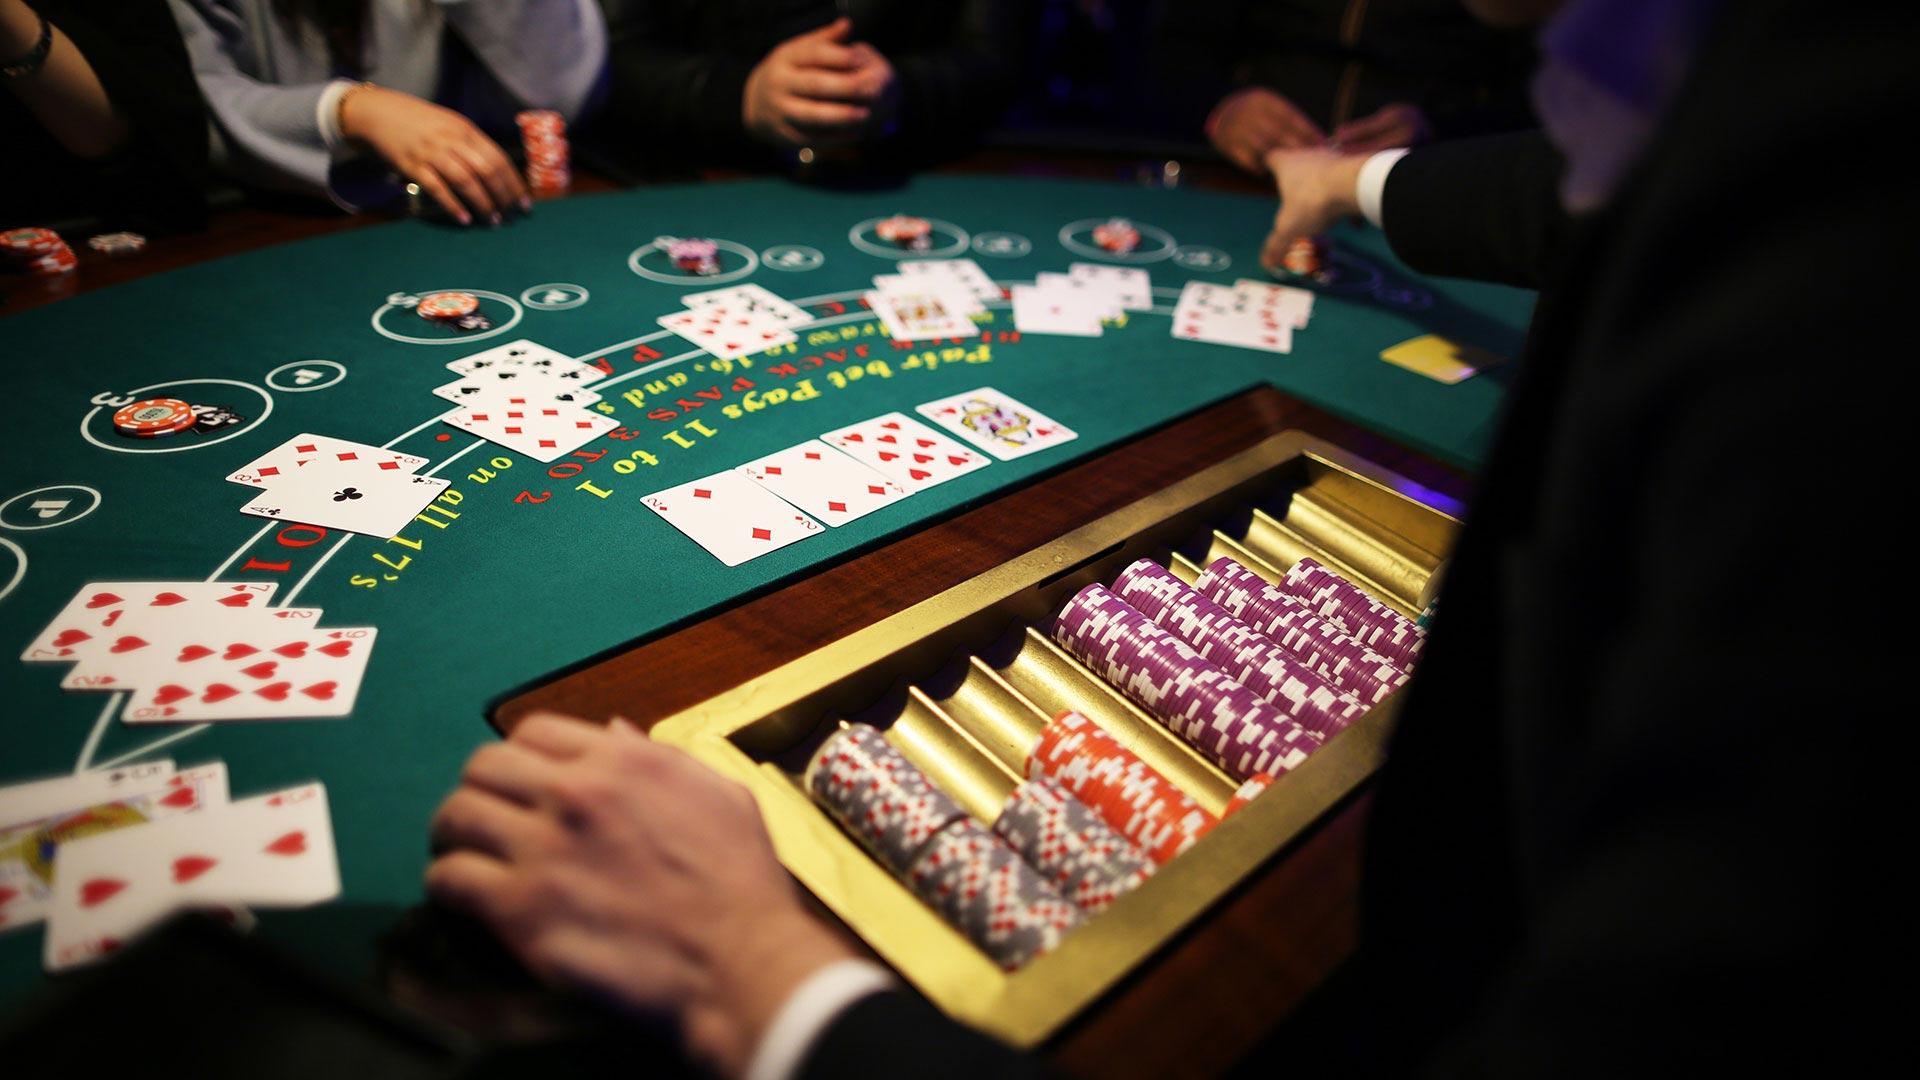 investment newsletter roulette wheel